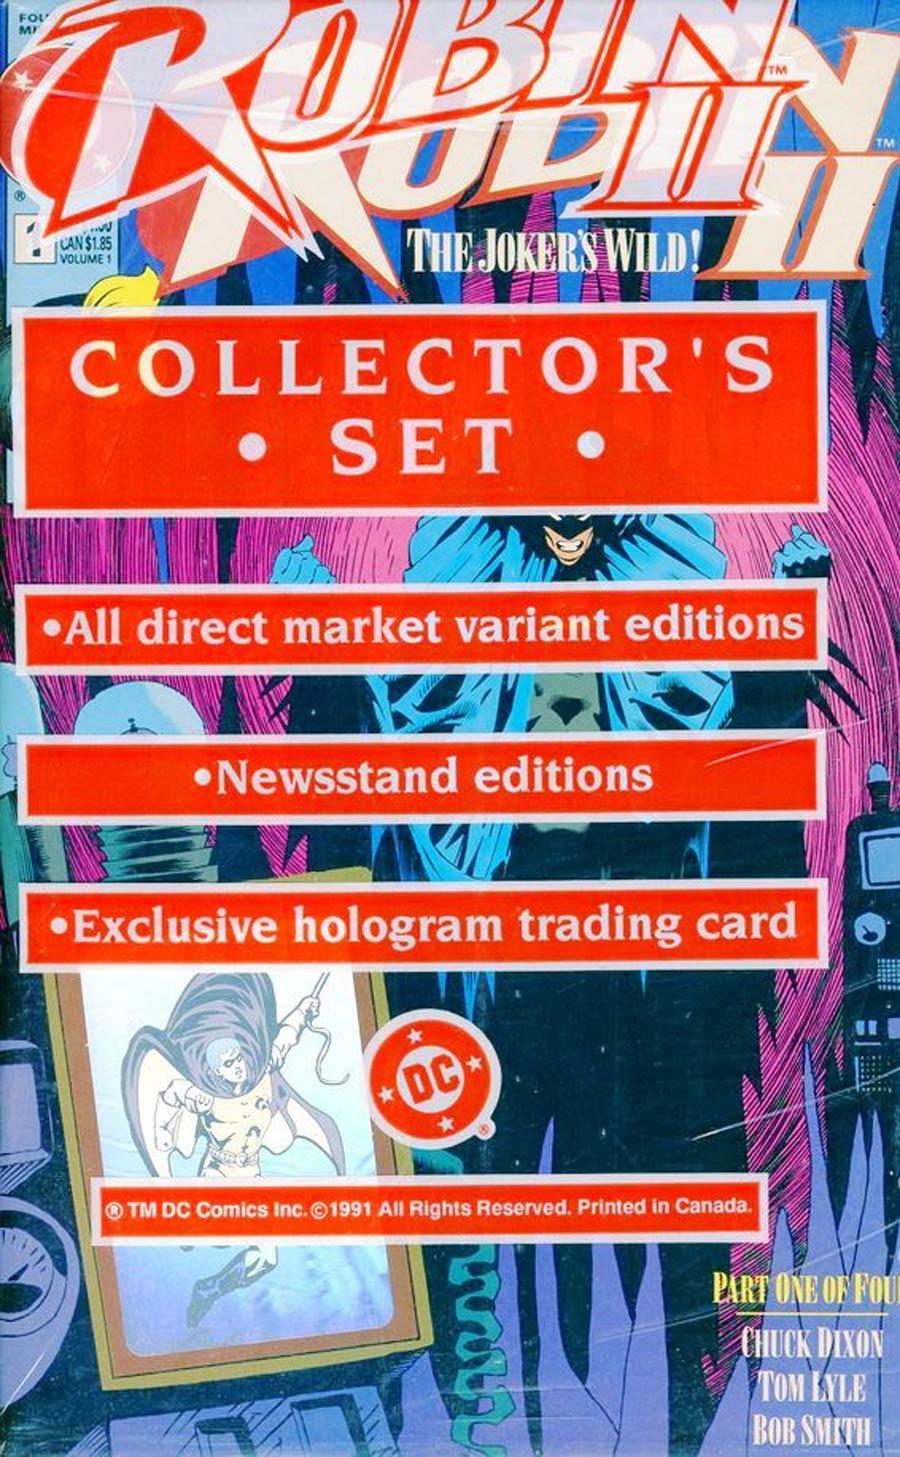 Robin Vol 2 #1 Cover F Collectors Set